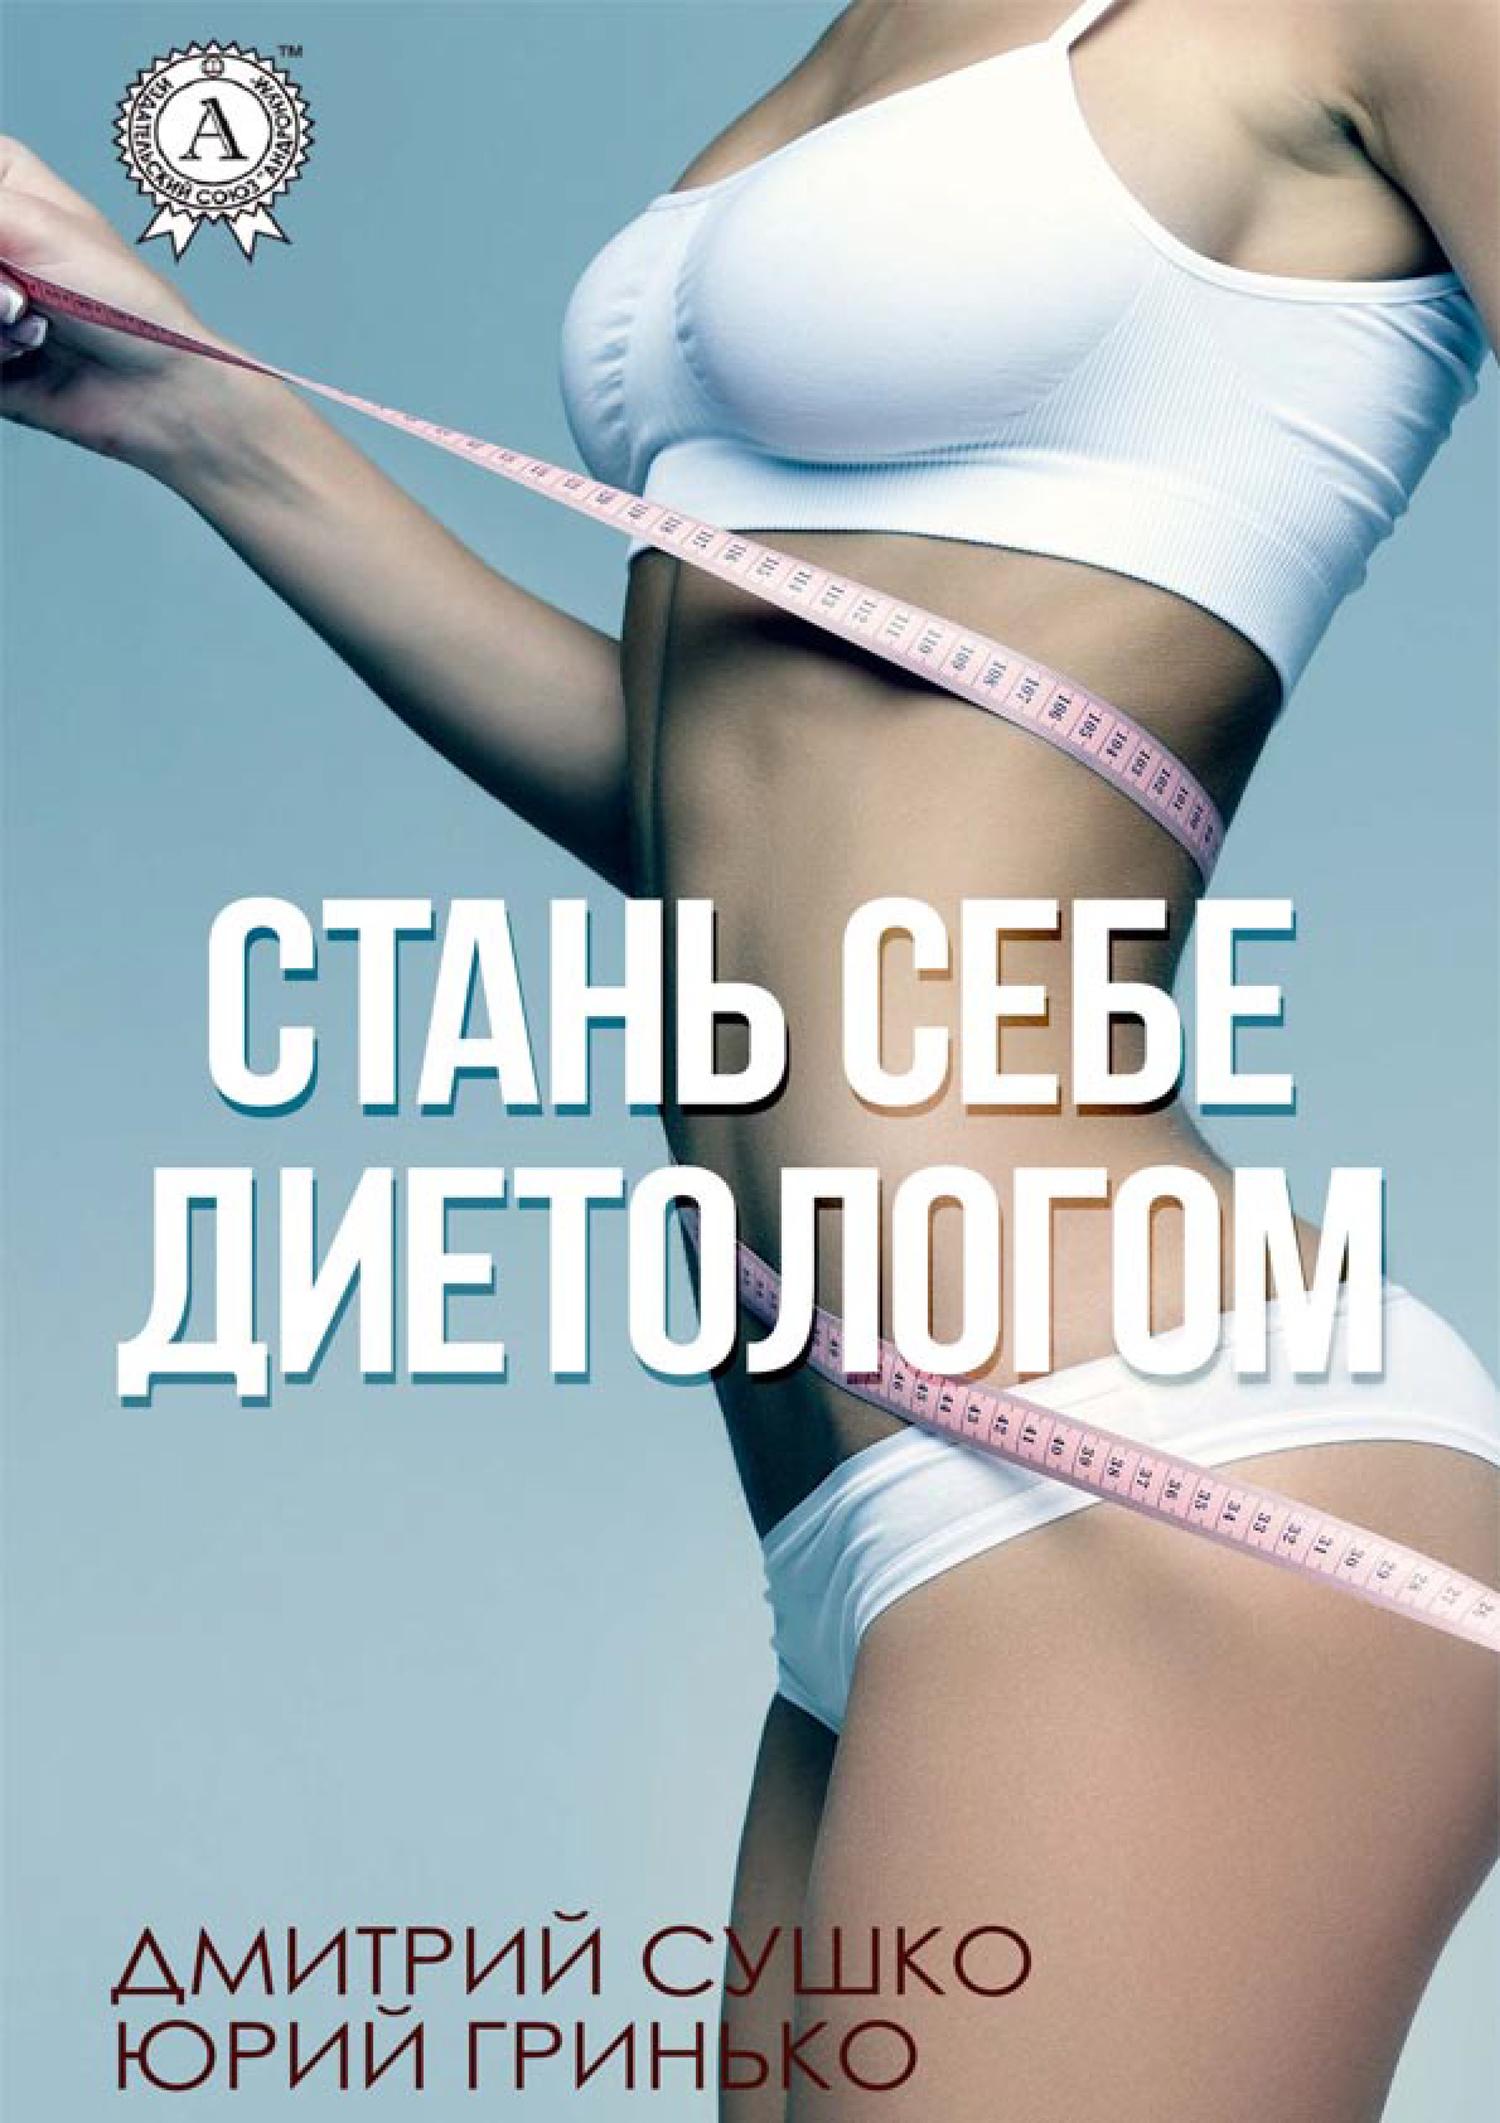 Дмитрий Сушко бесплатно